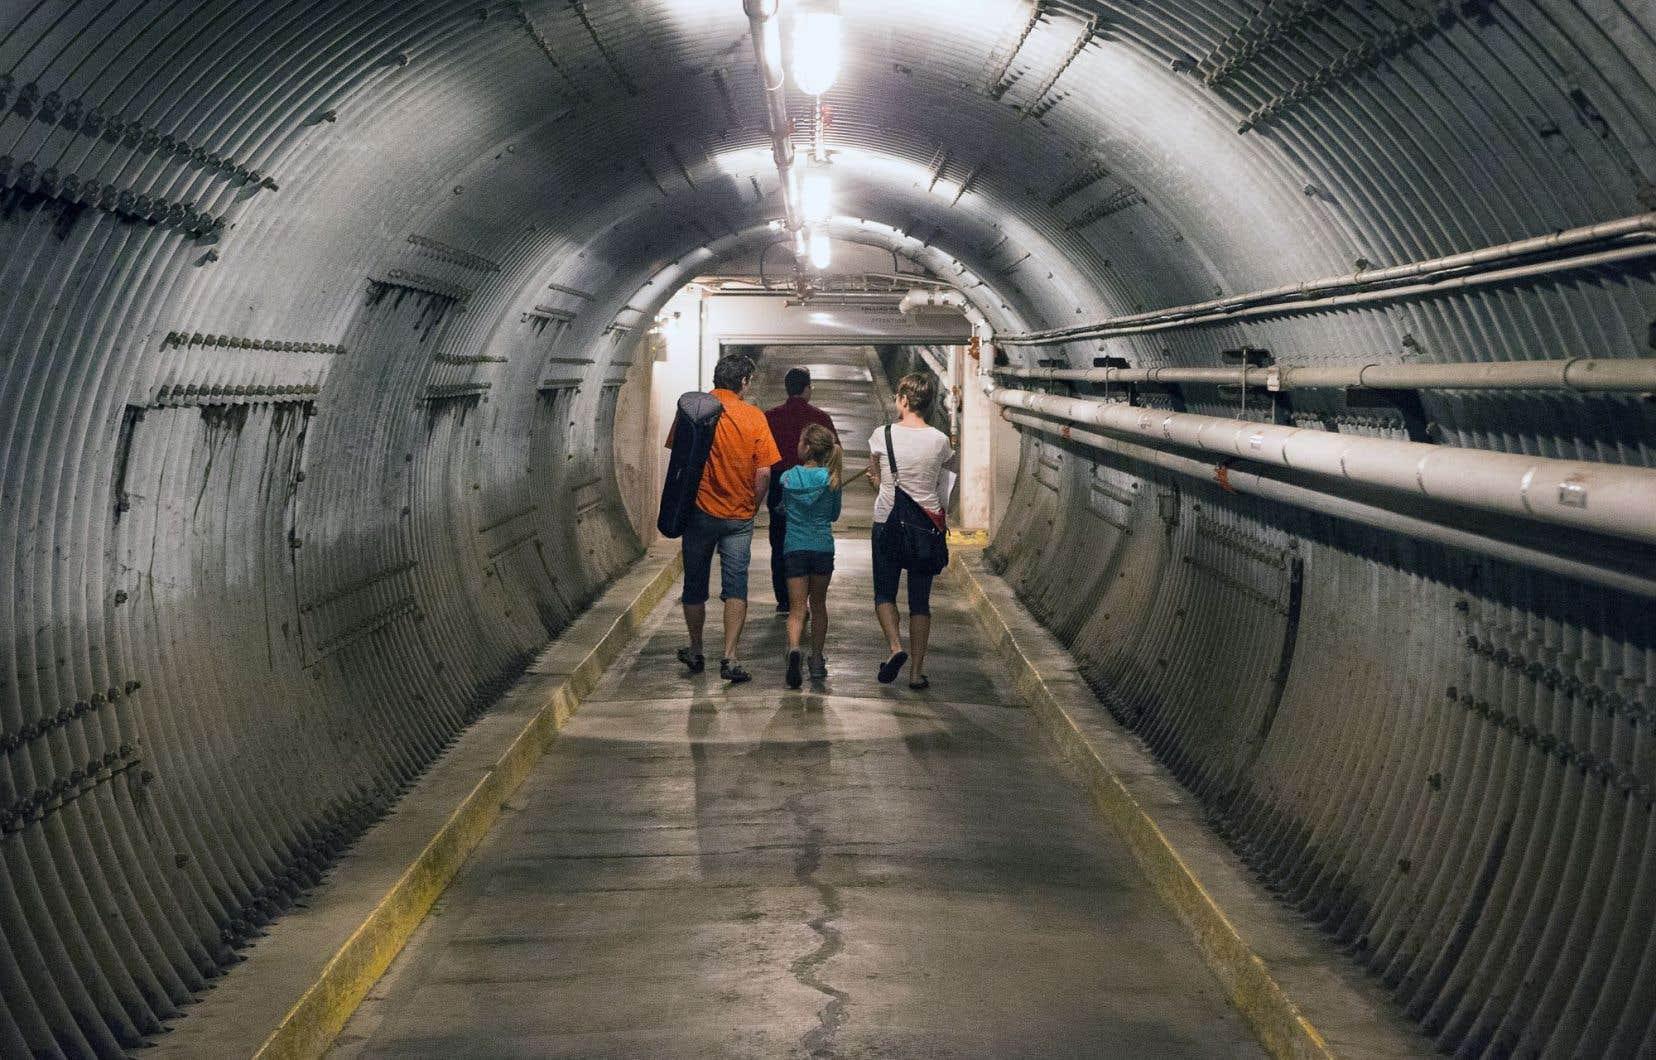 On dit que le Diefenbunker compte quatre étages souterrains, mais en fait, la structure a été construite à même le sol, à côté d'une colline. Elle a été ensuite recouverte comme si on élargissait la colline. Le portail d'entrée donne sur un tunnel de 115 mètres qui ne débouche sur... rien ! L'onde de souffle nucléaire ne suit que des lignes droites. La porte du bunker se trouve donc à 90 degrés quelque part dans le tunnel.